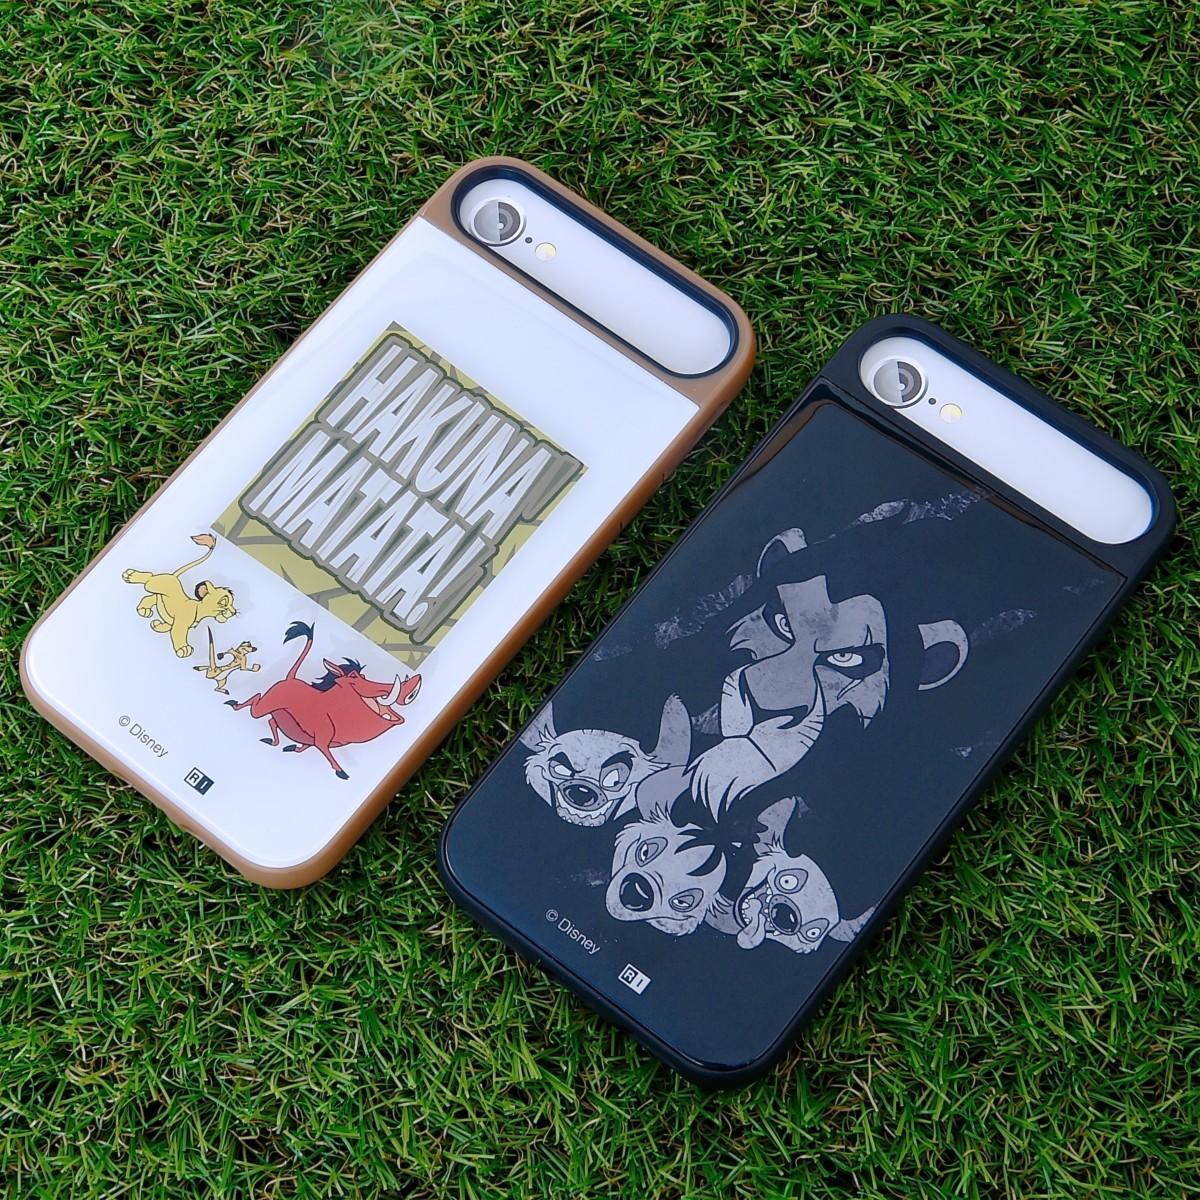 イングレム『ライオン・キング』iPhoneケース